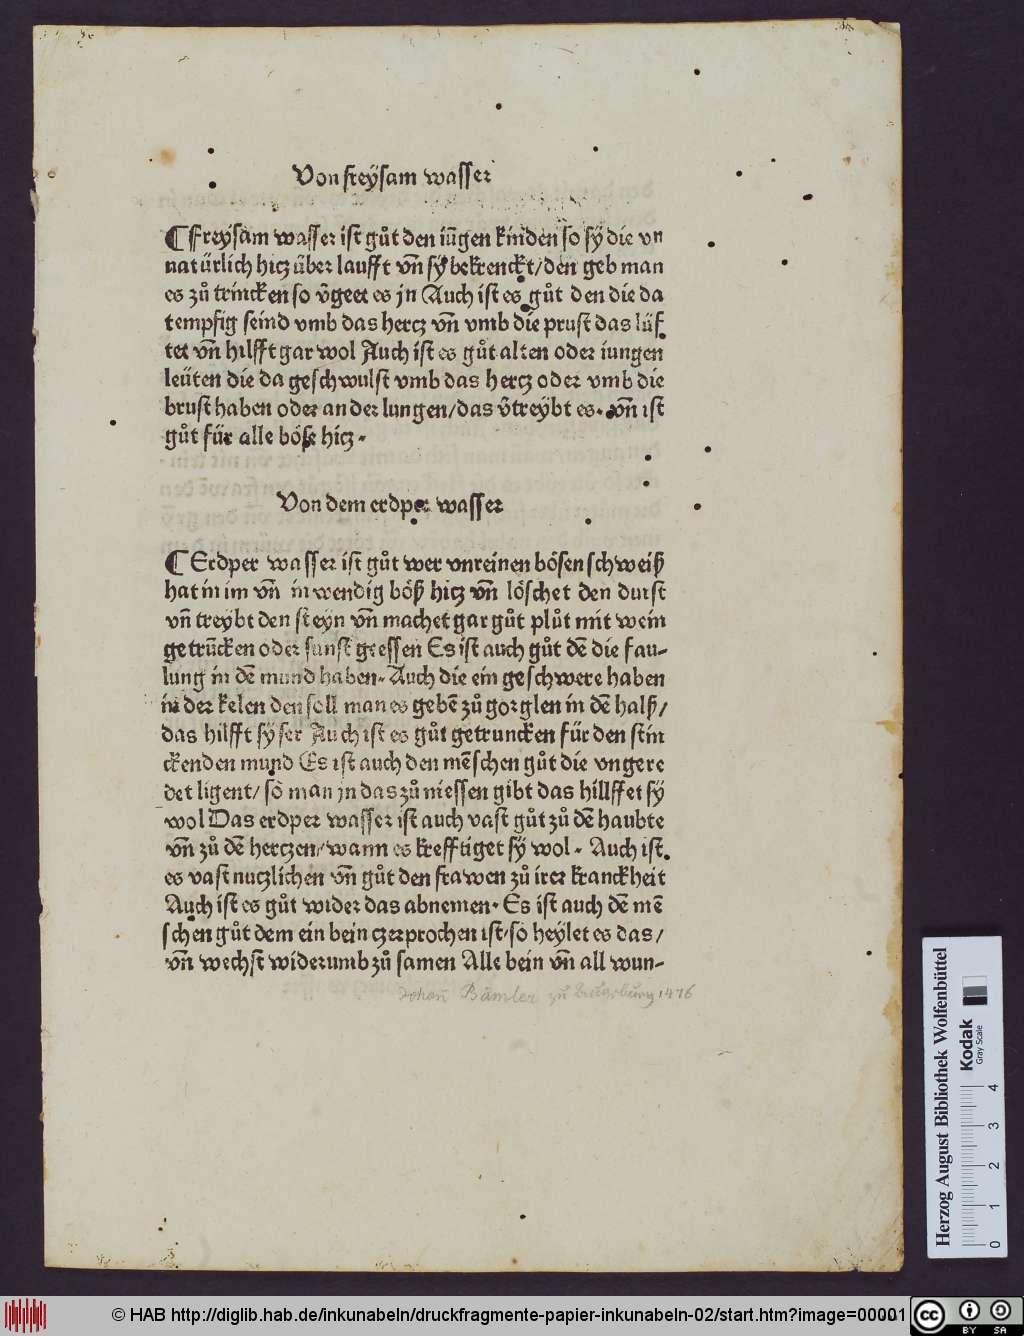 http://diglib.hab.de/inkunabeln/druckfragmente-papier-inkunabeln-02/00001.jpg